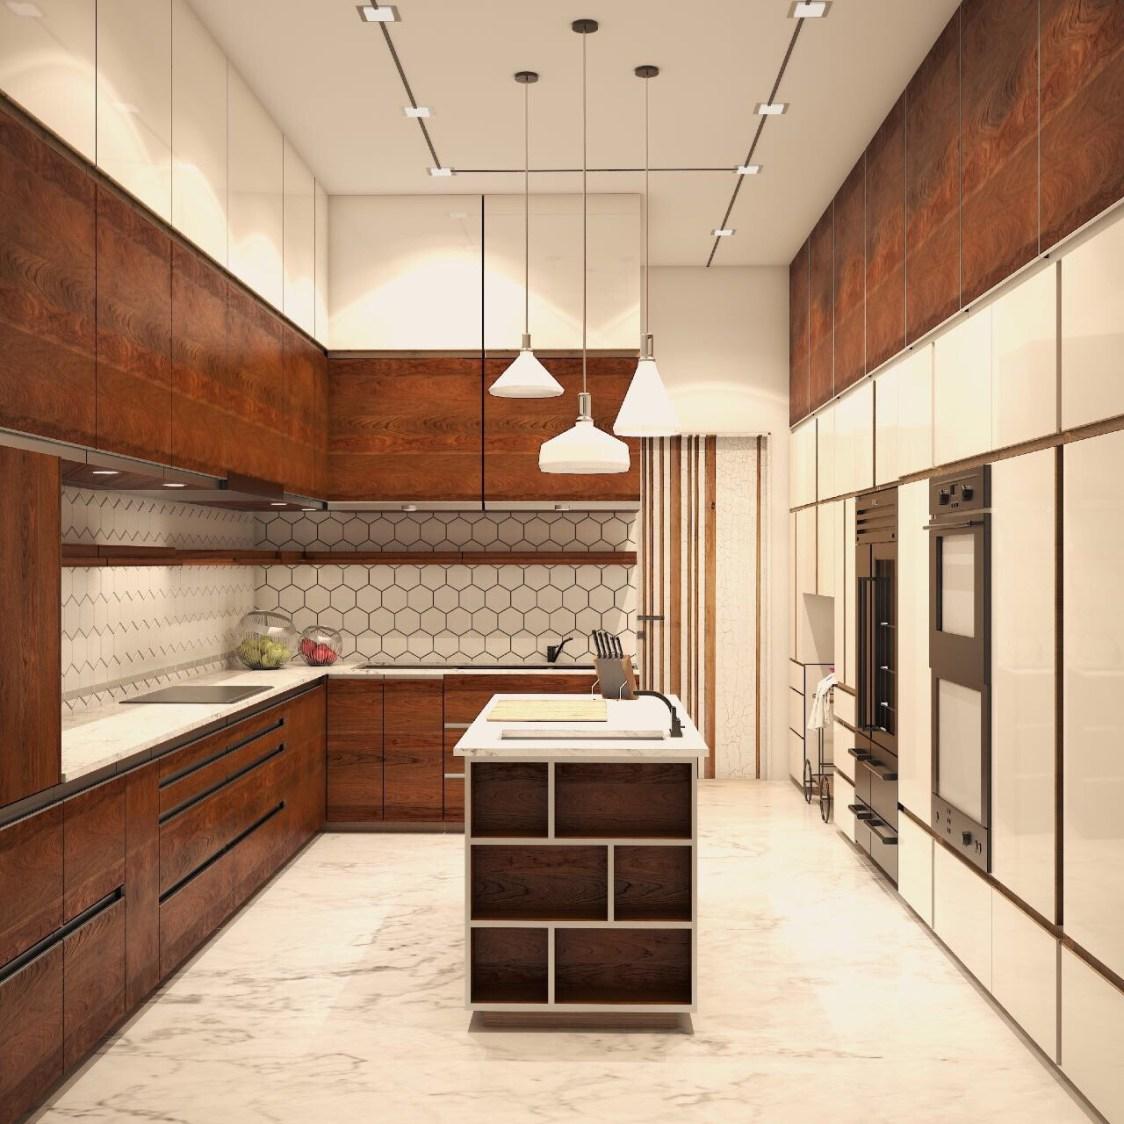 Well Lit Modular Kitchen With Walnut Brown Shaded Wooden Cabinets by Neha Chopra Modular-kitchen Modern | Interior Design Photos & Ideas